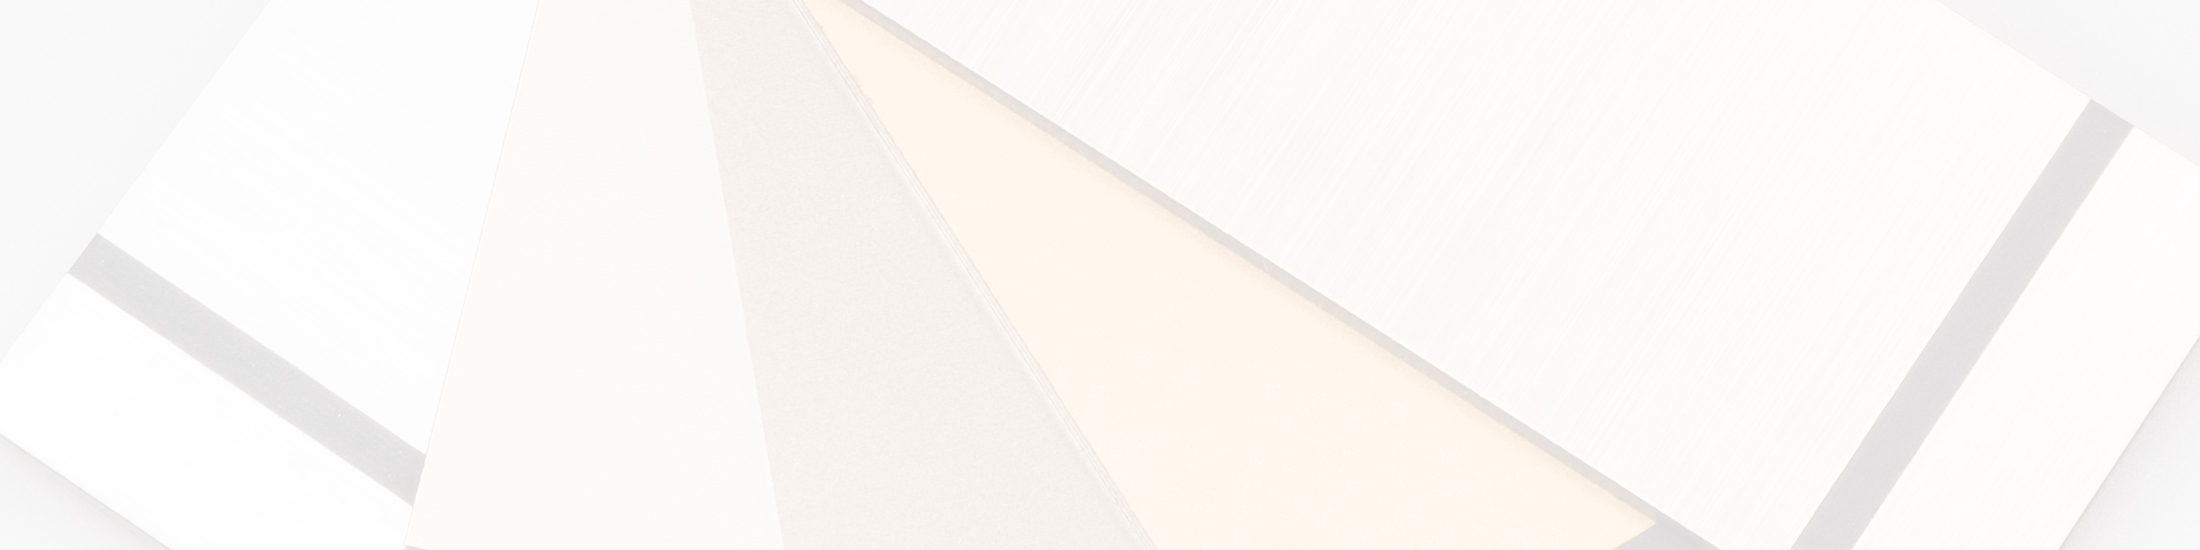 plastic laser material - TroLase Lights Premium